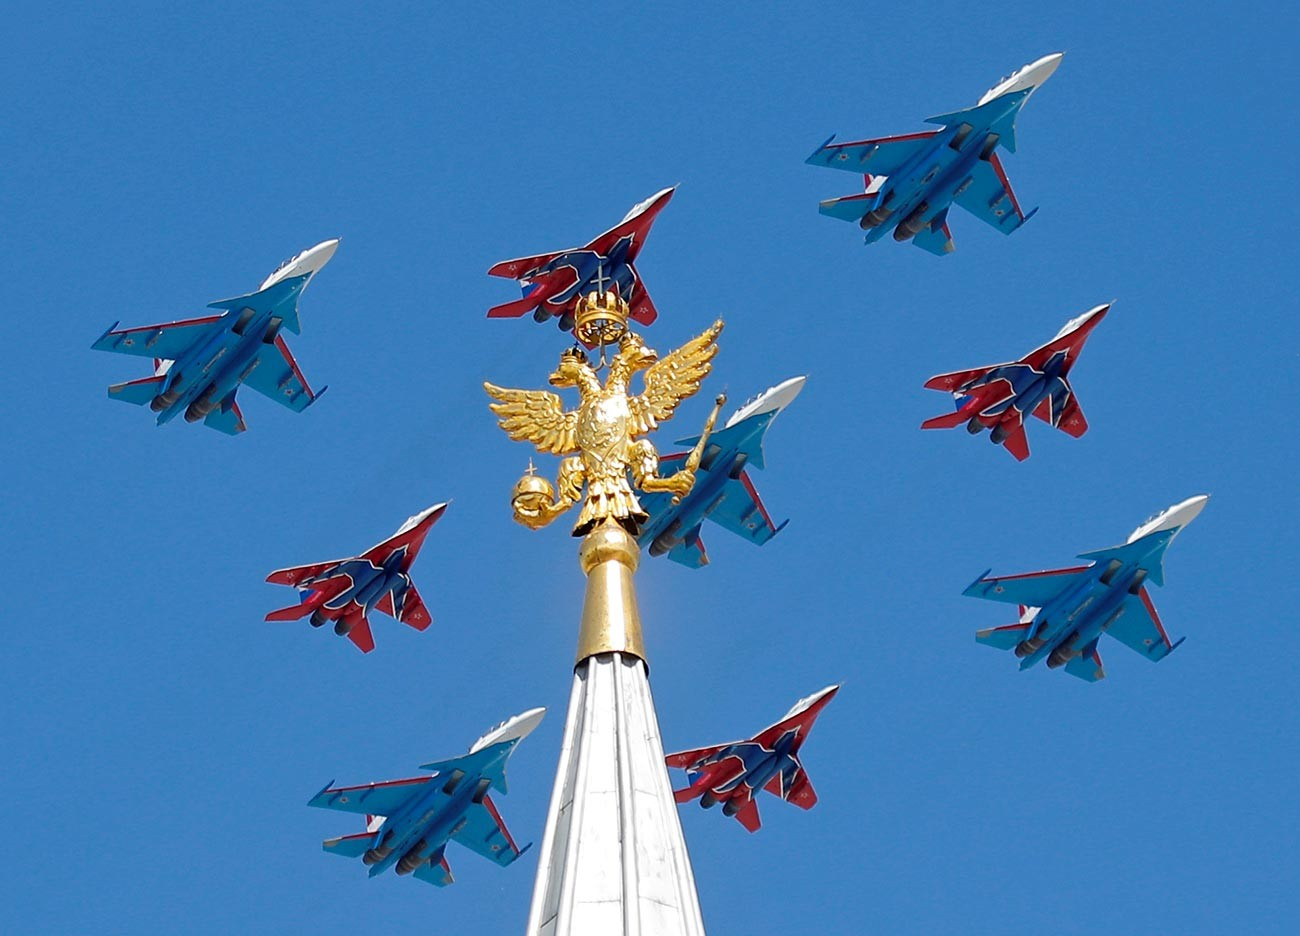 Jet tempur MiG-29 regu aerobatik Strizhi dan jet tempur Su-30 regu aerobatik Russkiye Vityazi terbang dalam formasi selama parade Hari Kemenangan di Moskow.